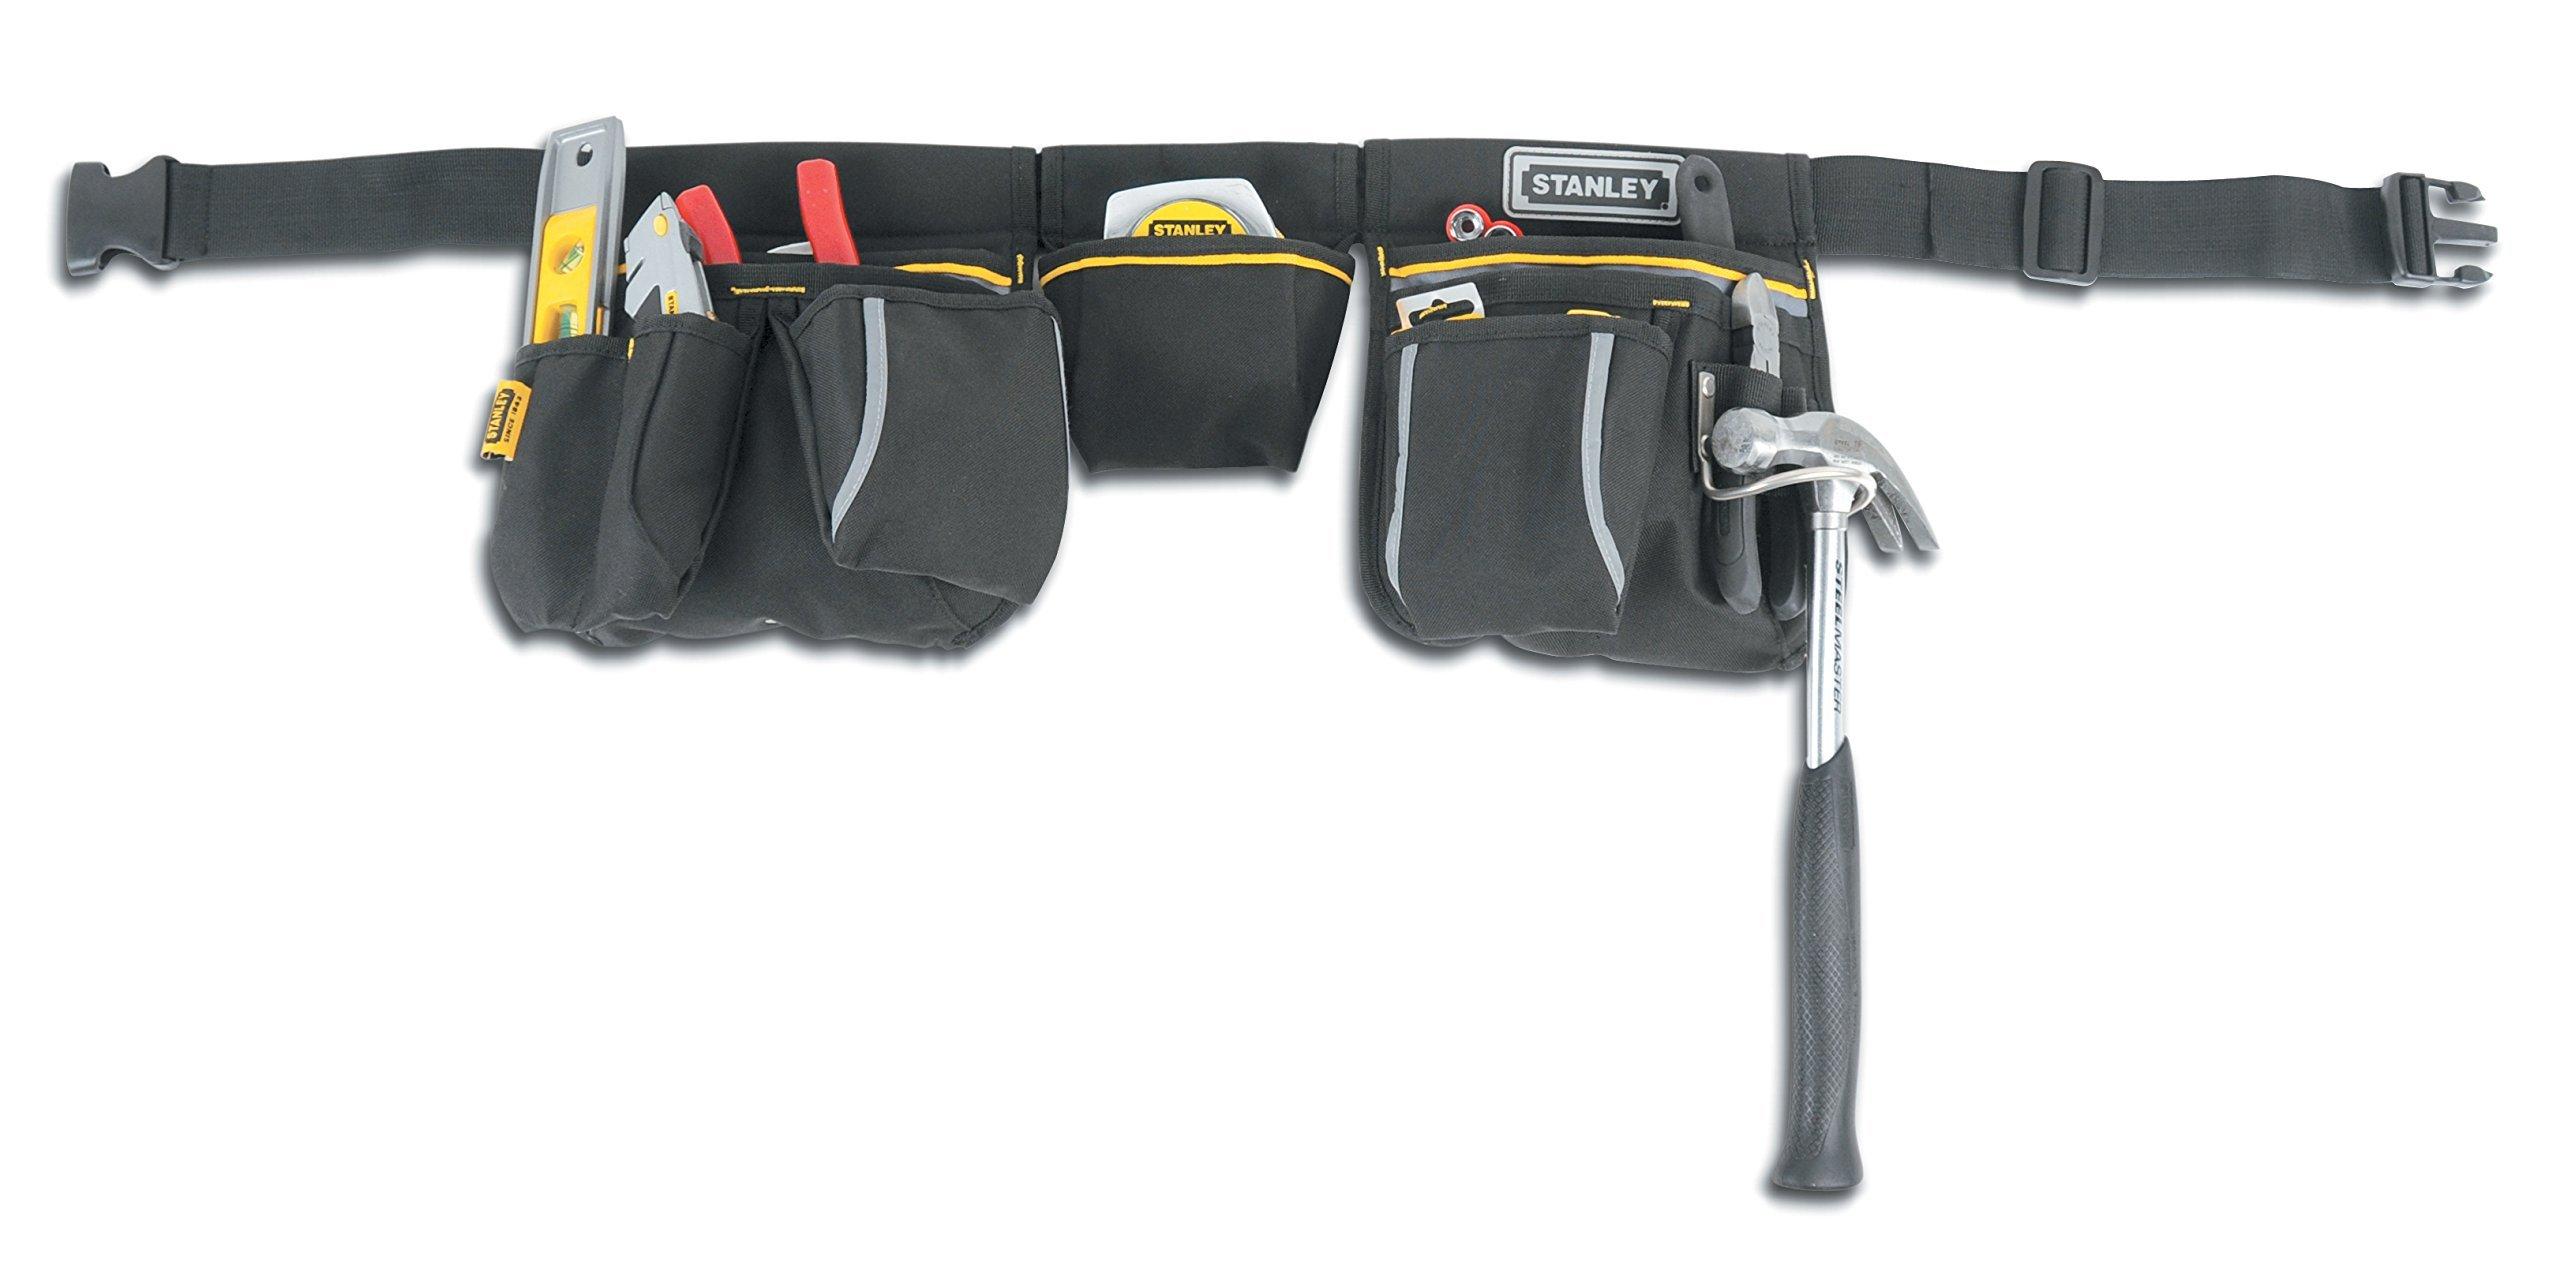 STANLEY 1-96-178 - Cinturón para herramientas product image